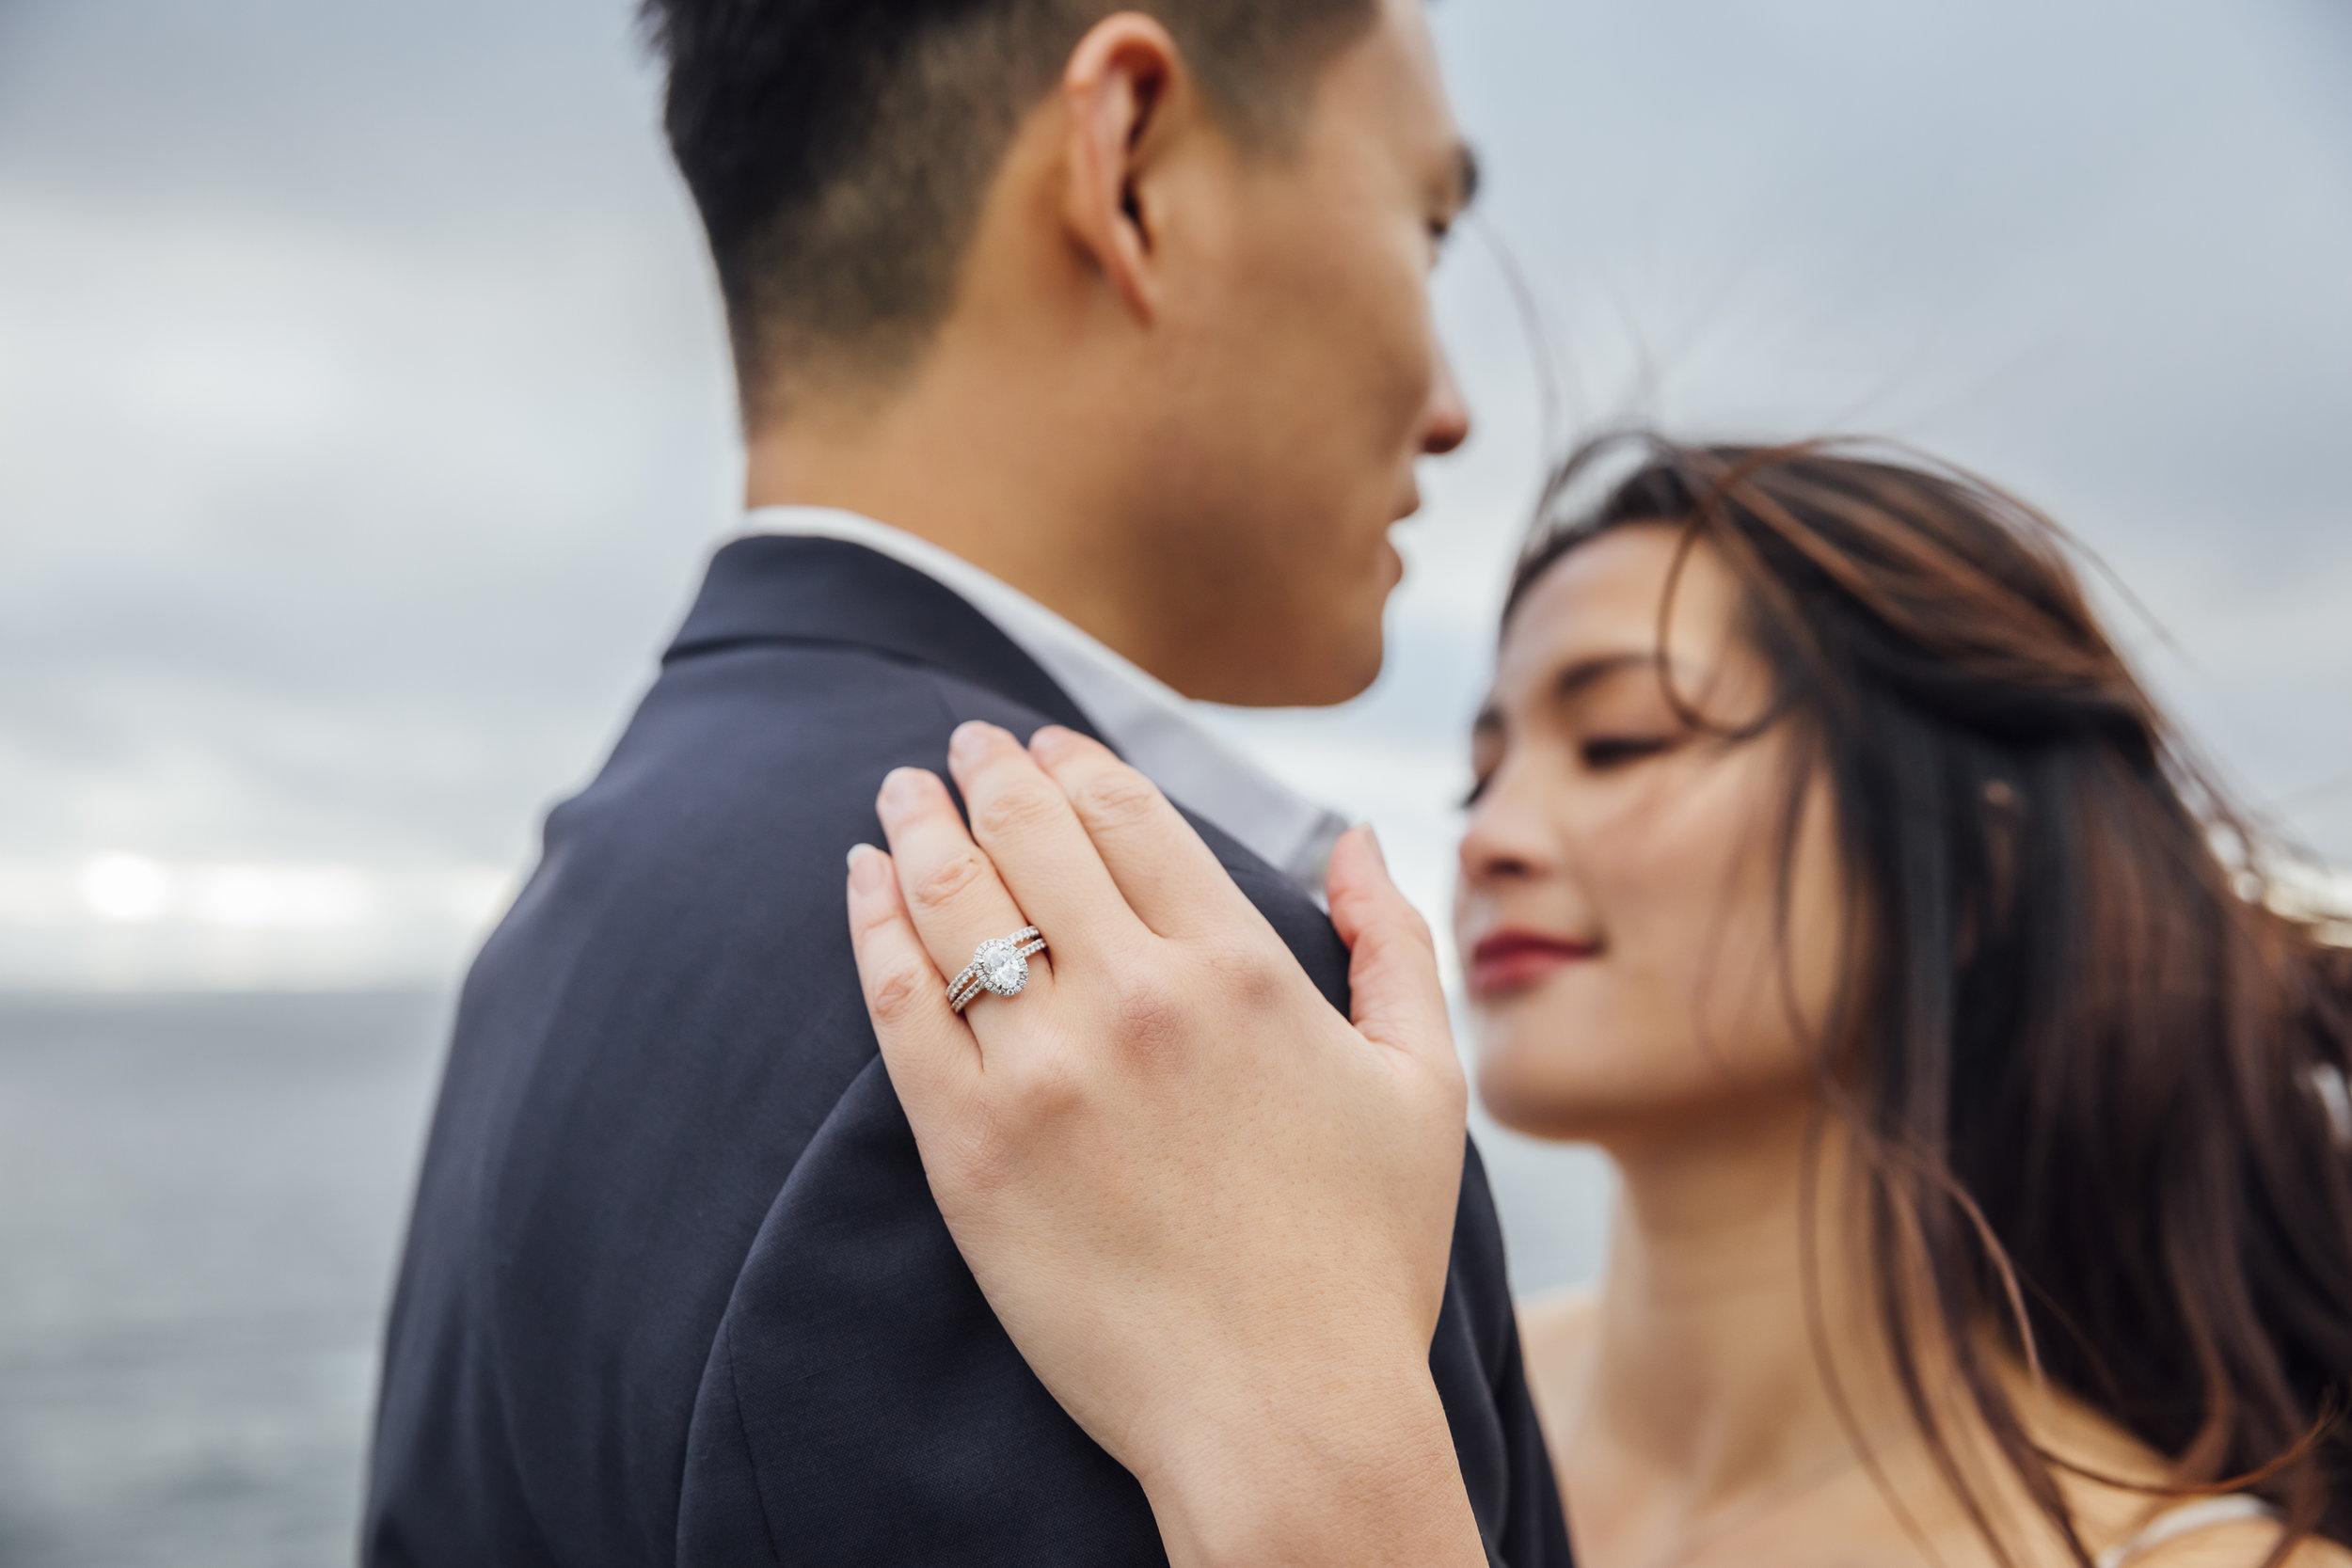 Dating ring San Francisco Zhang bartholomay dating